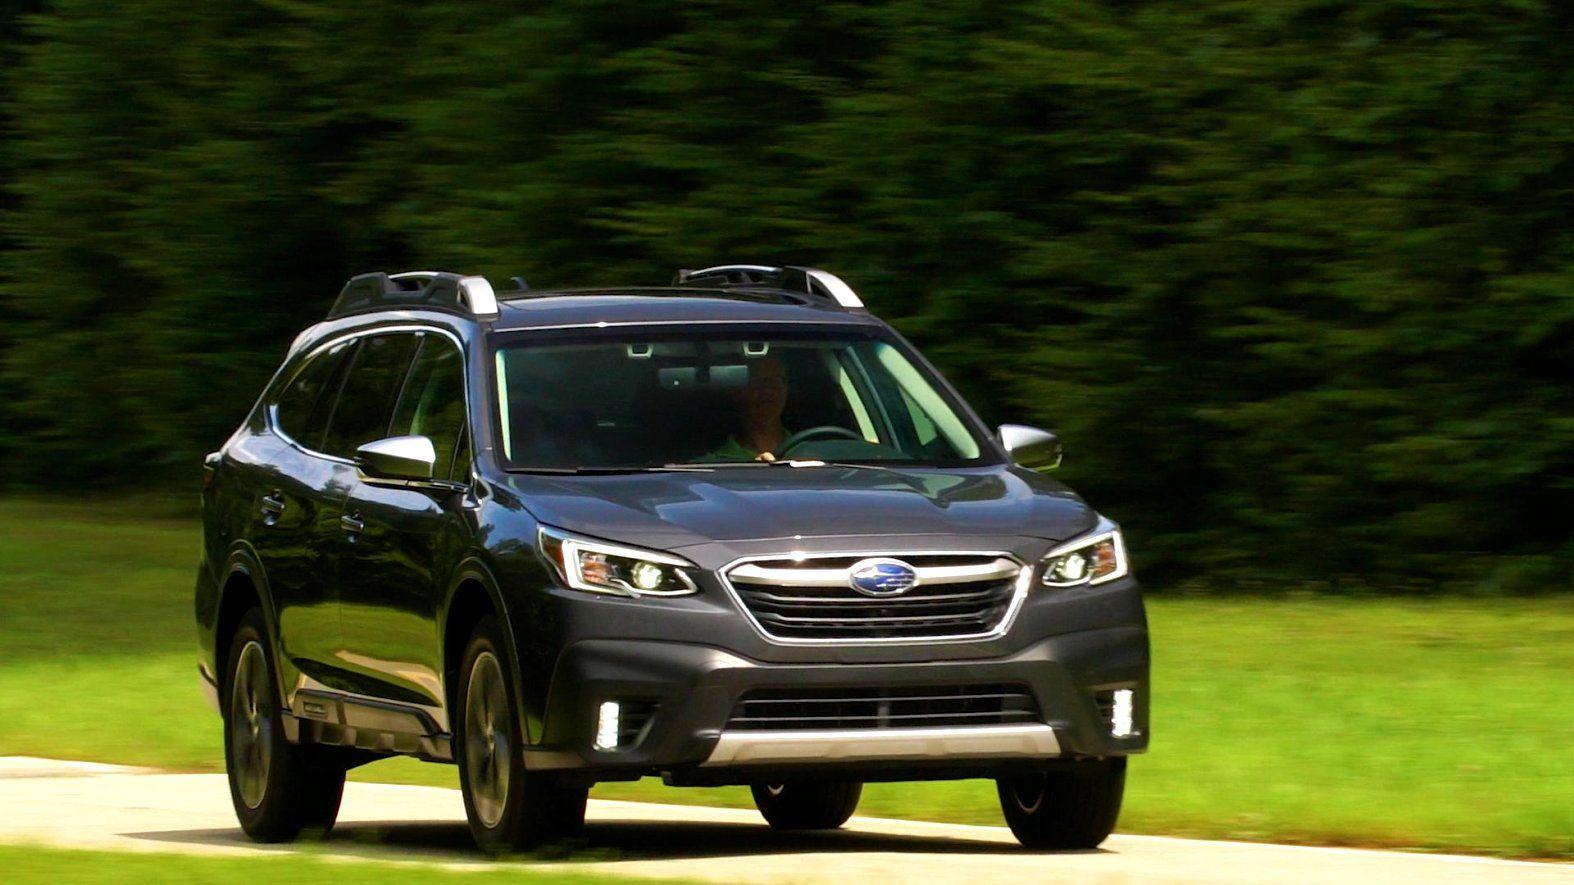 2020 Subaru Transmission Problems Specs And Review Subaru Outback Subaru Outback